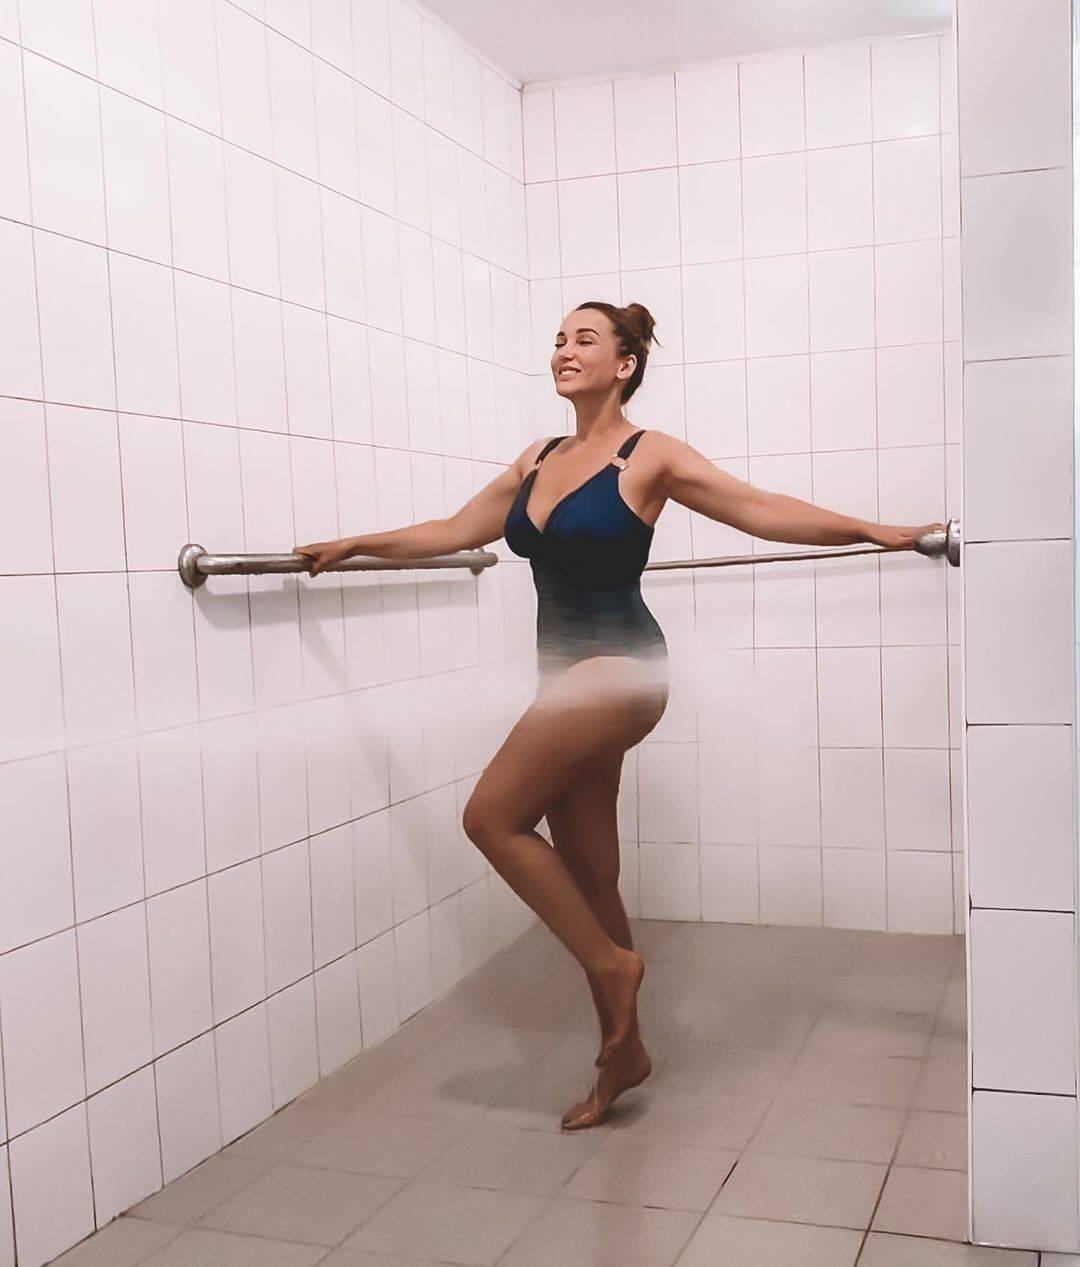 Анфиса Чехова в откровенном купальнике (Instagram Анфисы Чеховой)